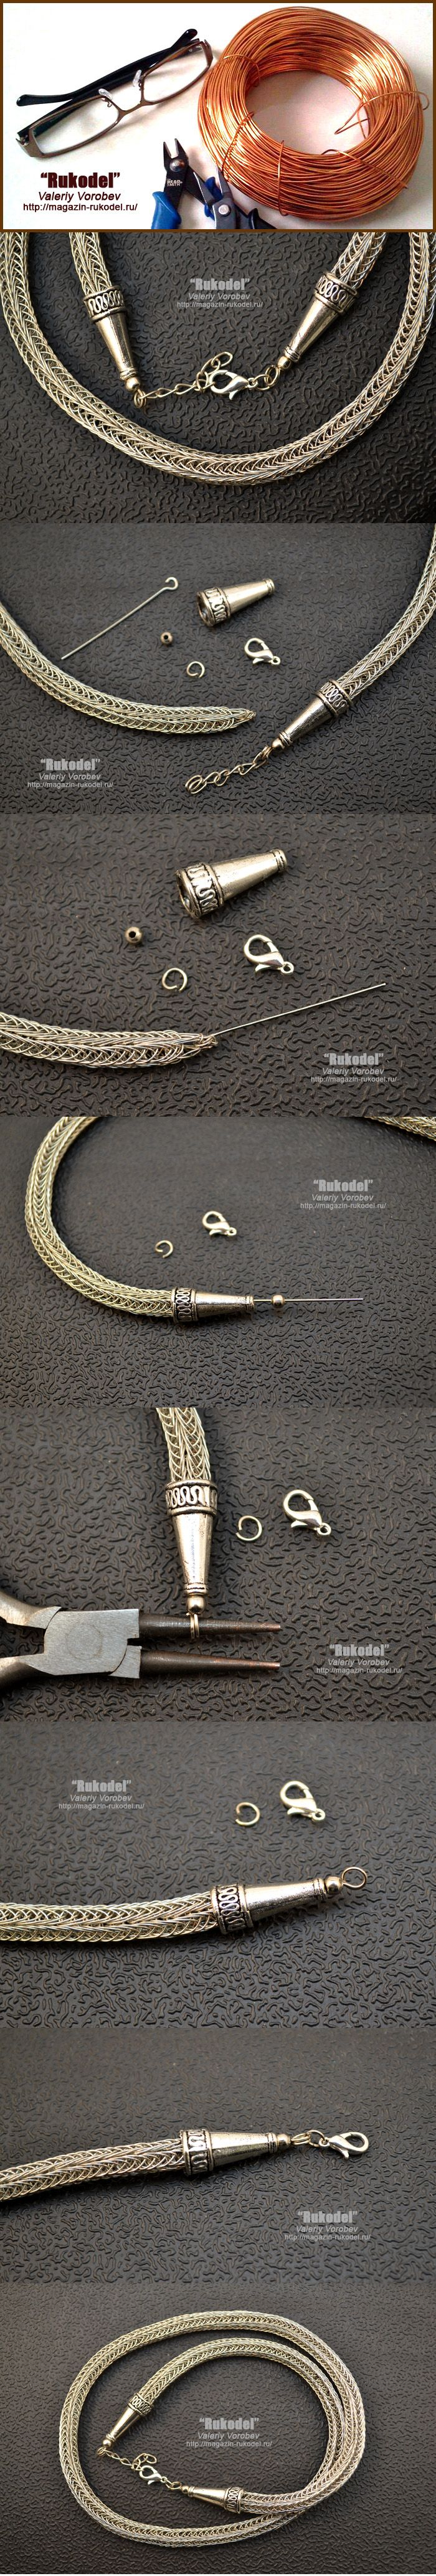 Цепь из проволоки Викинг - Viking Knit. Концевики. | Рукодел